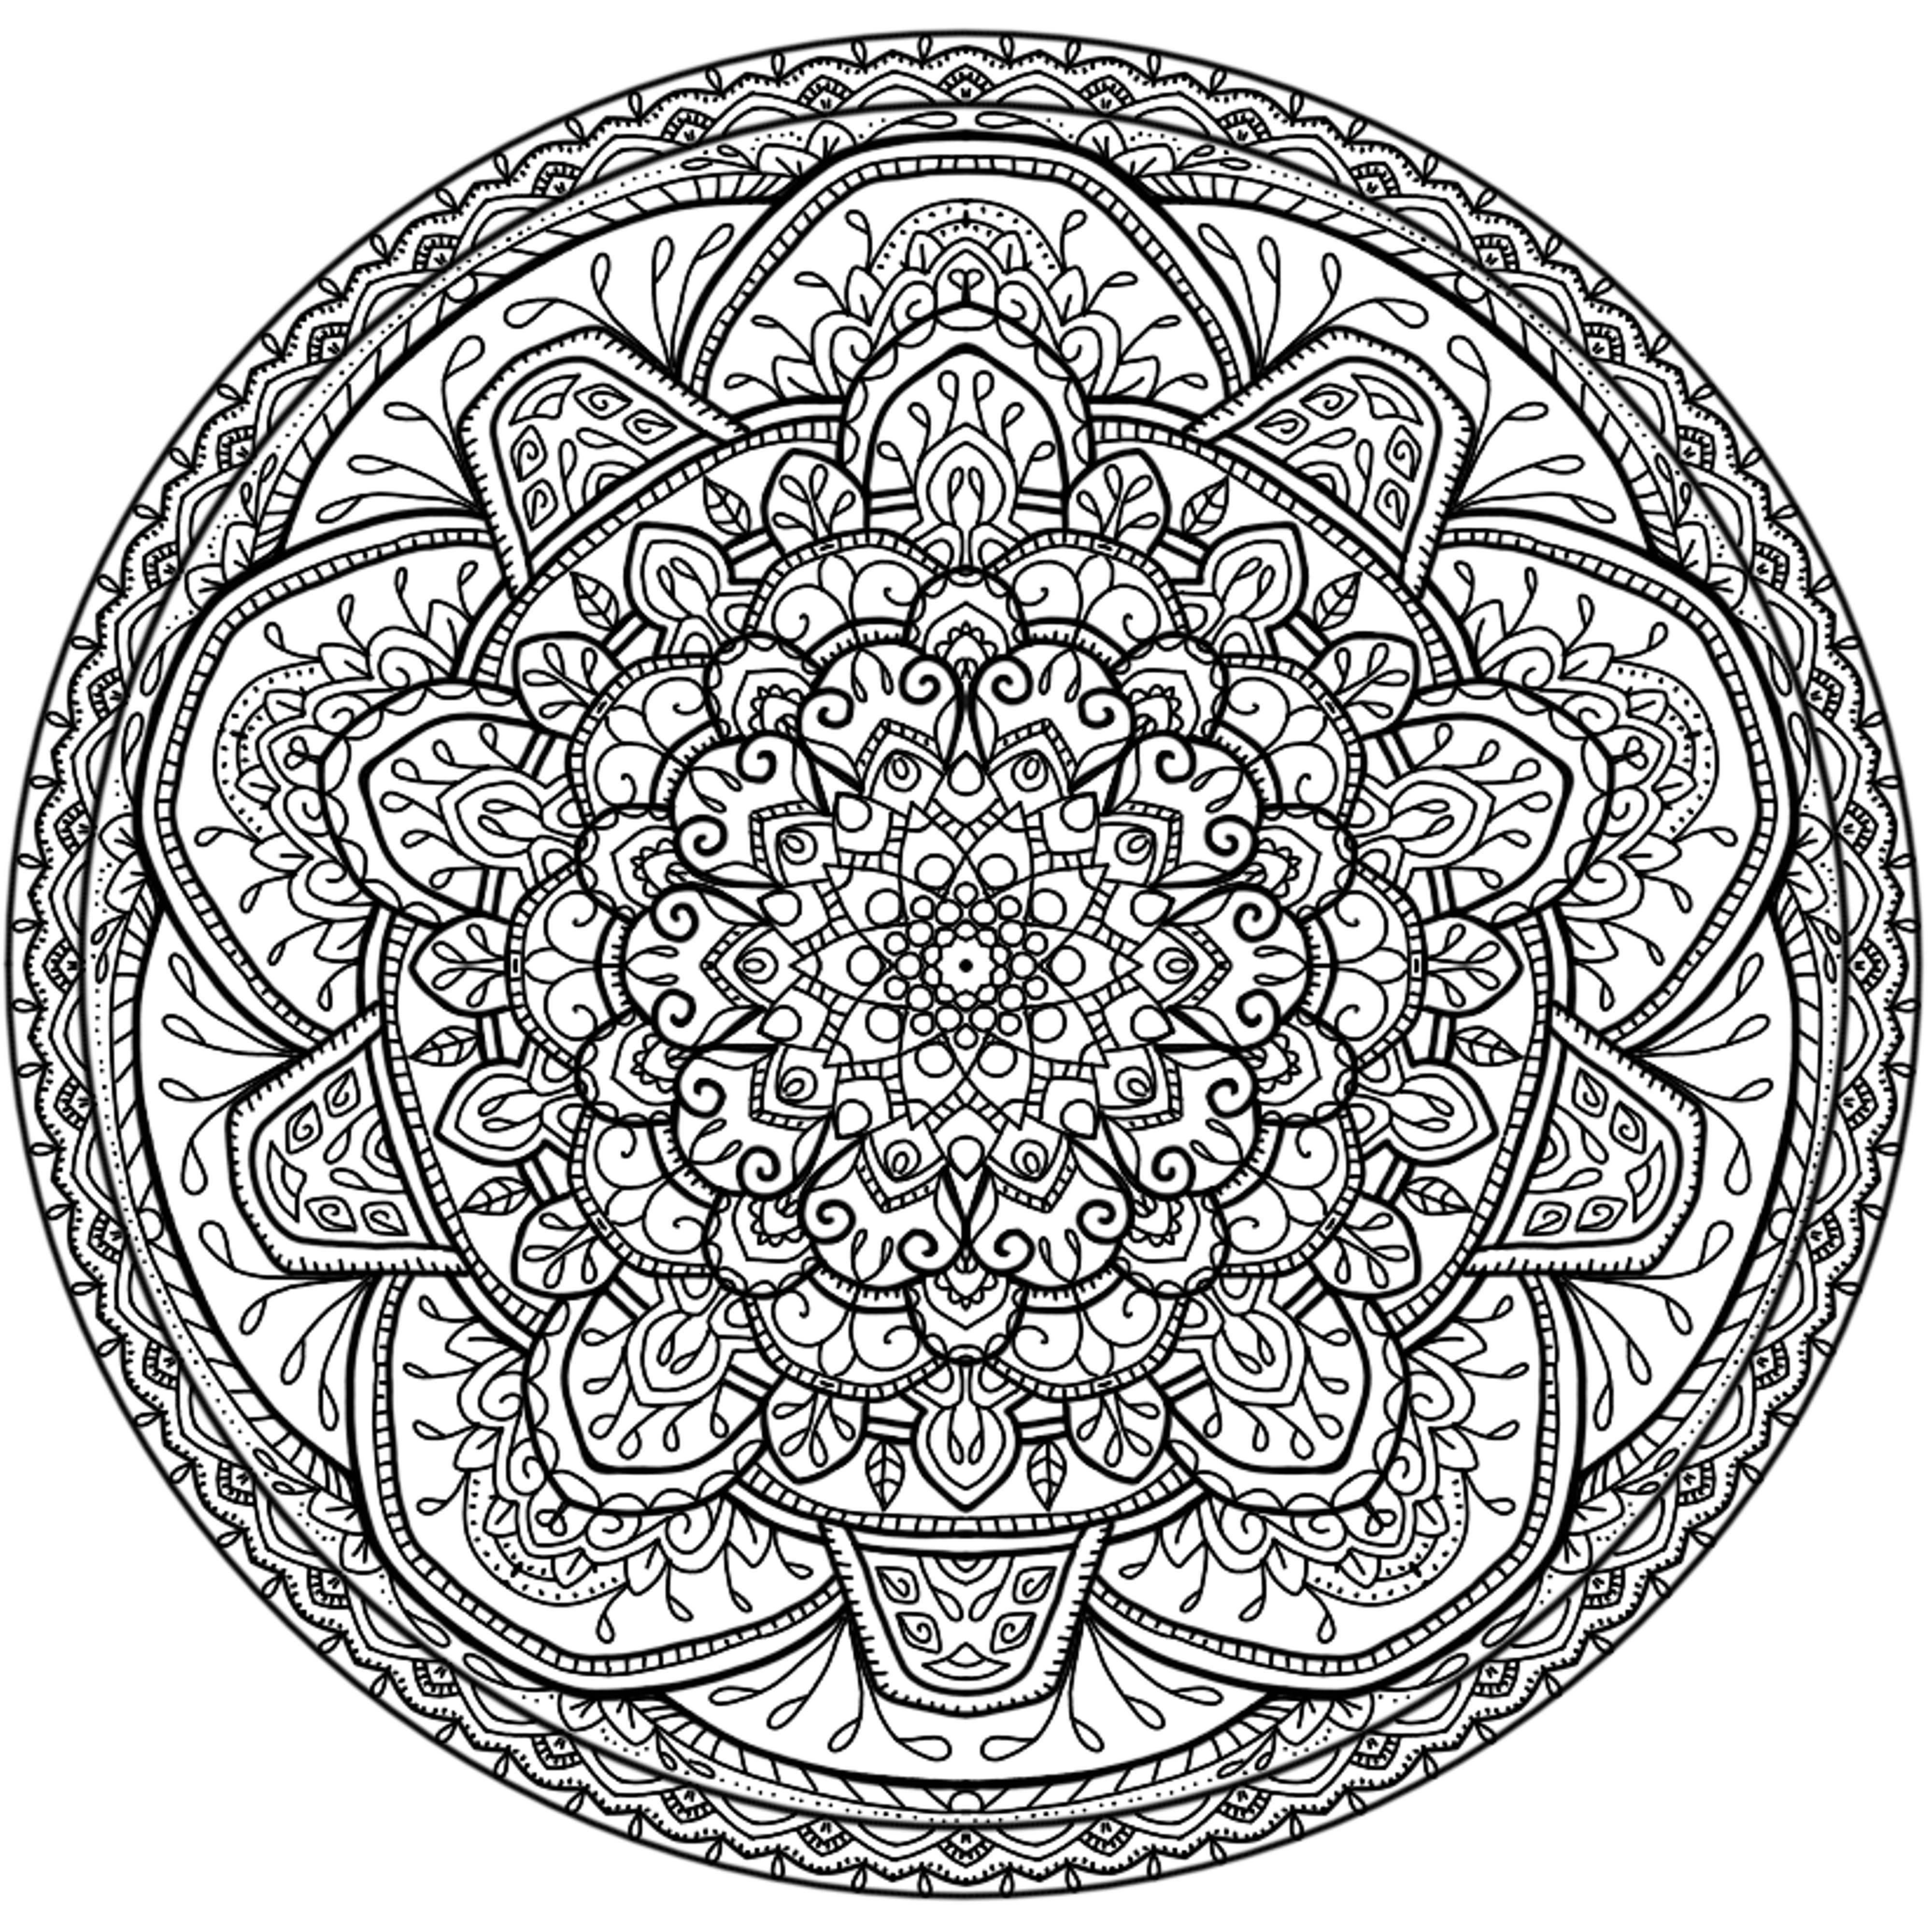 Circles Mandala 5 By Welshpixie On Deviantart Mandala Circles Coloring Pages